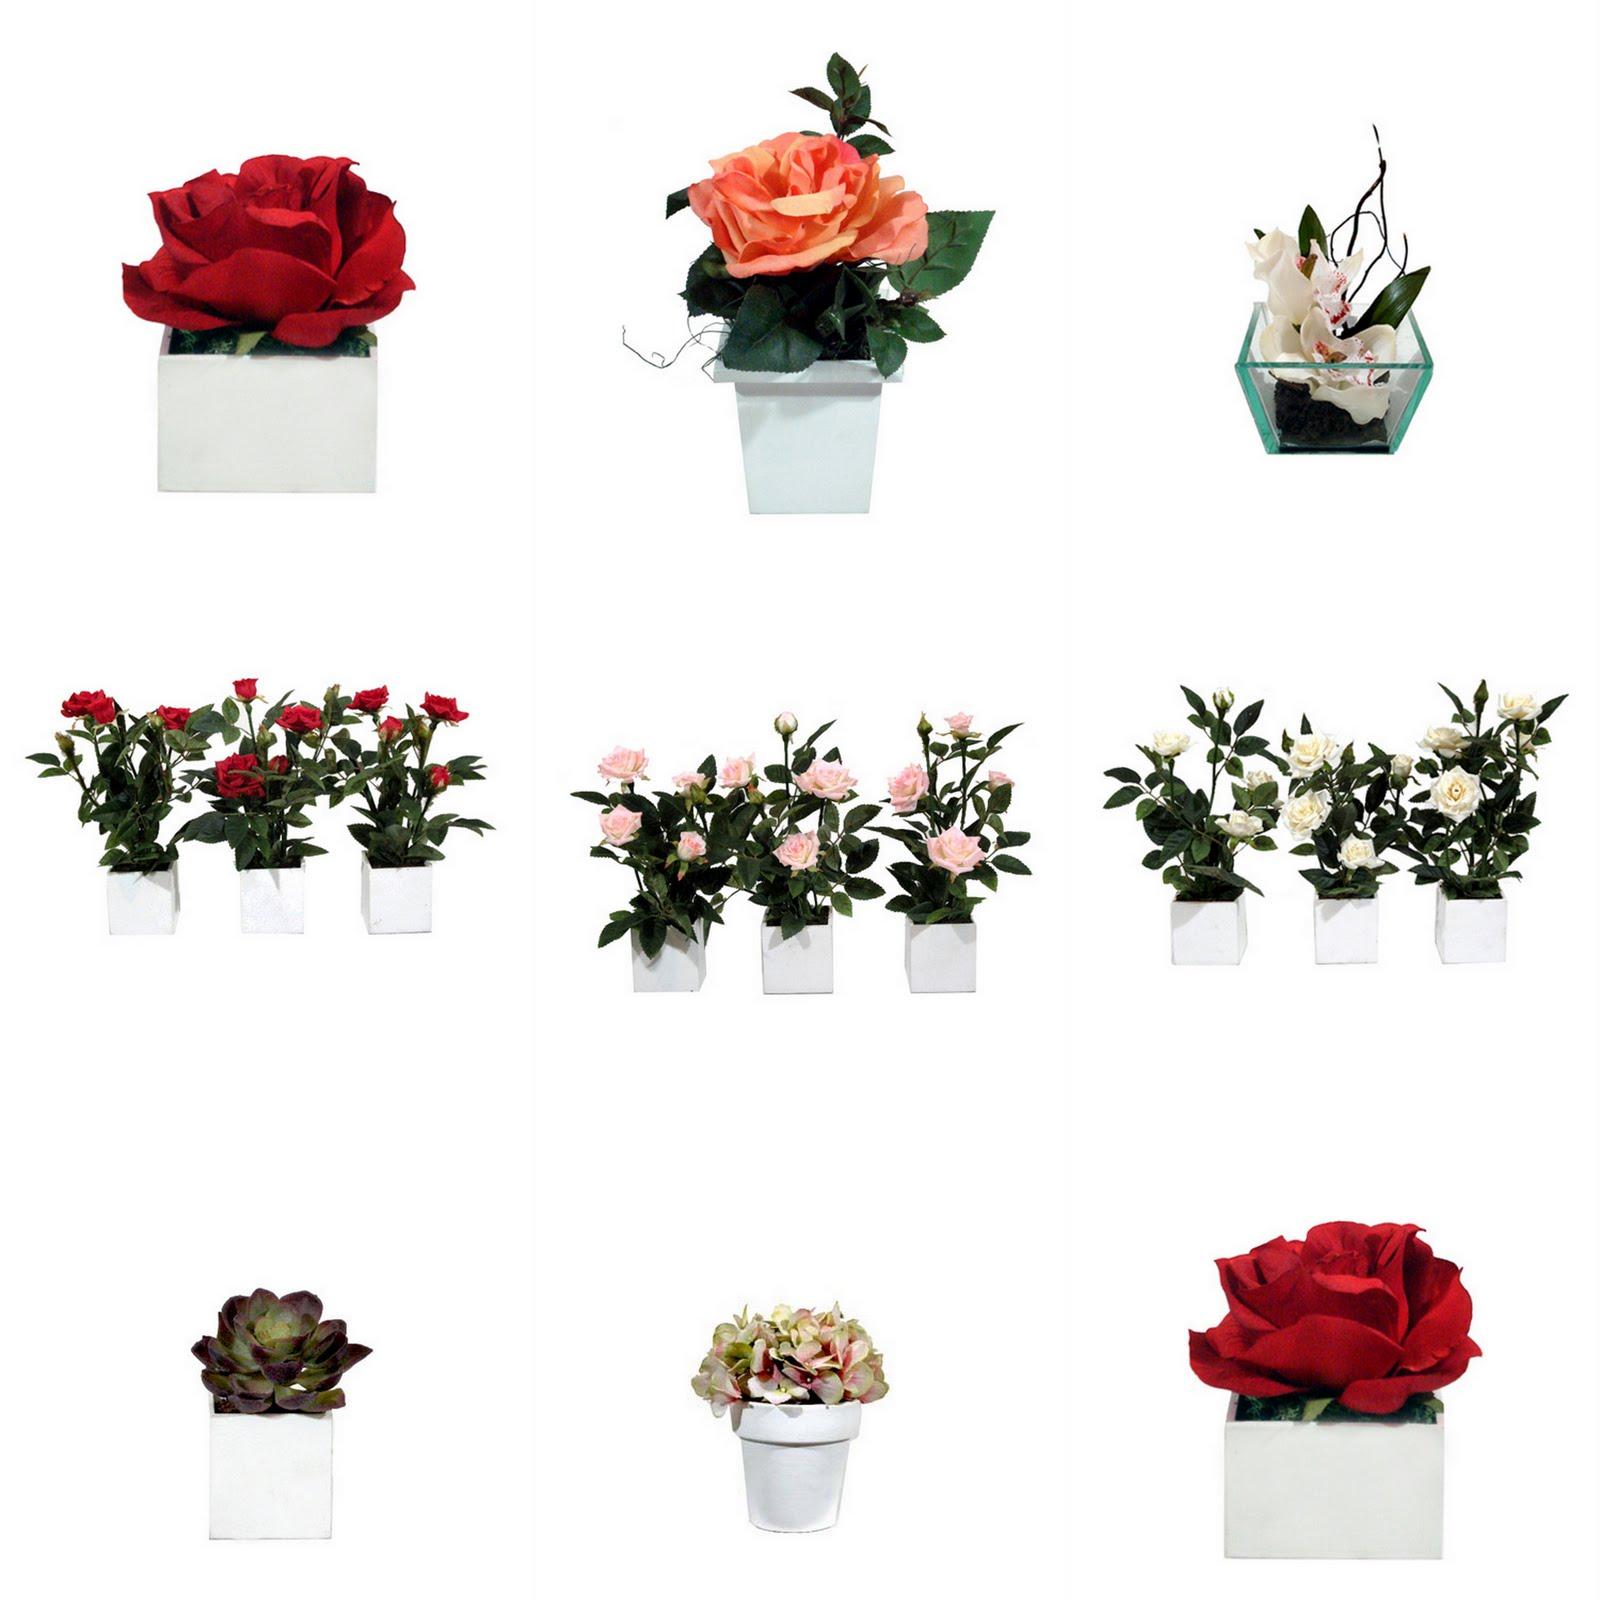 Flores flores muitas FLORES ! #831018 1600 1600